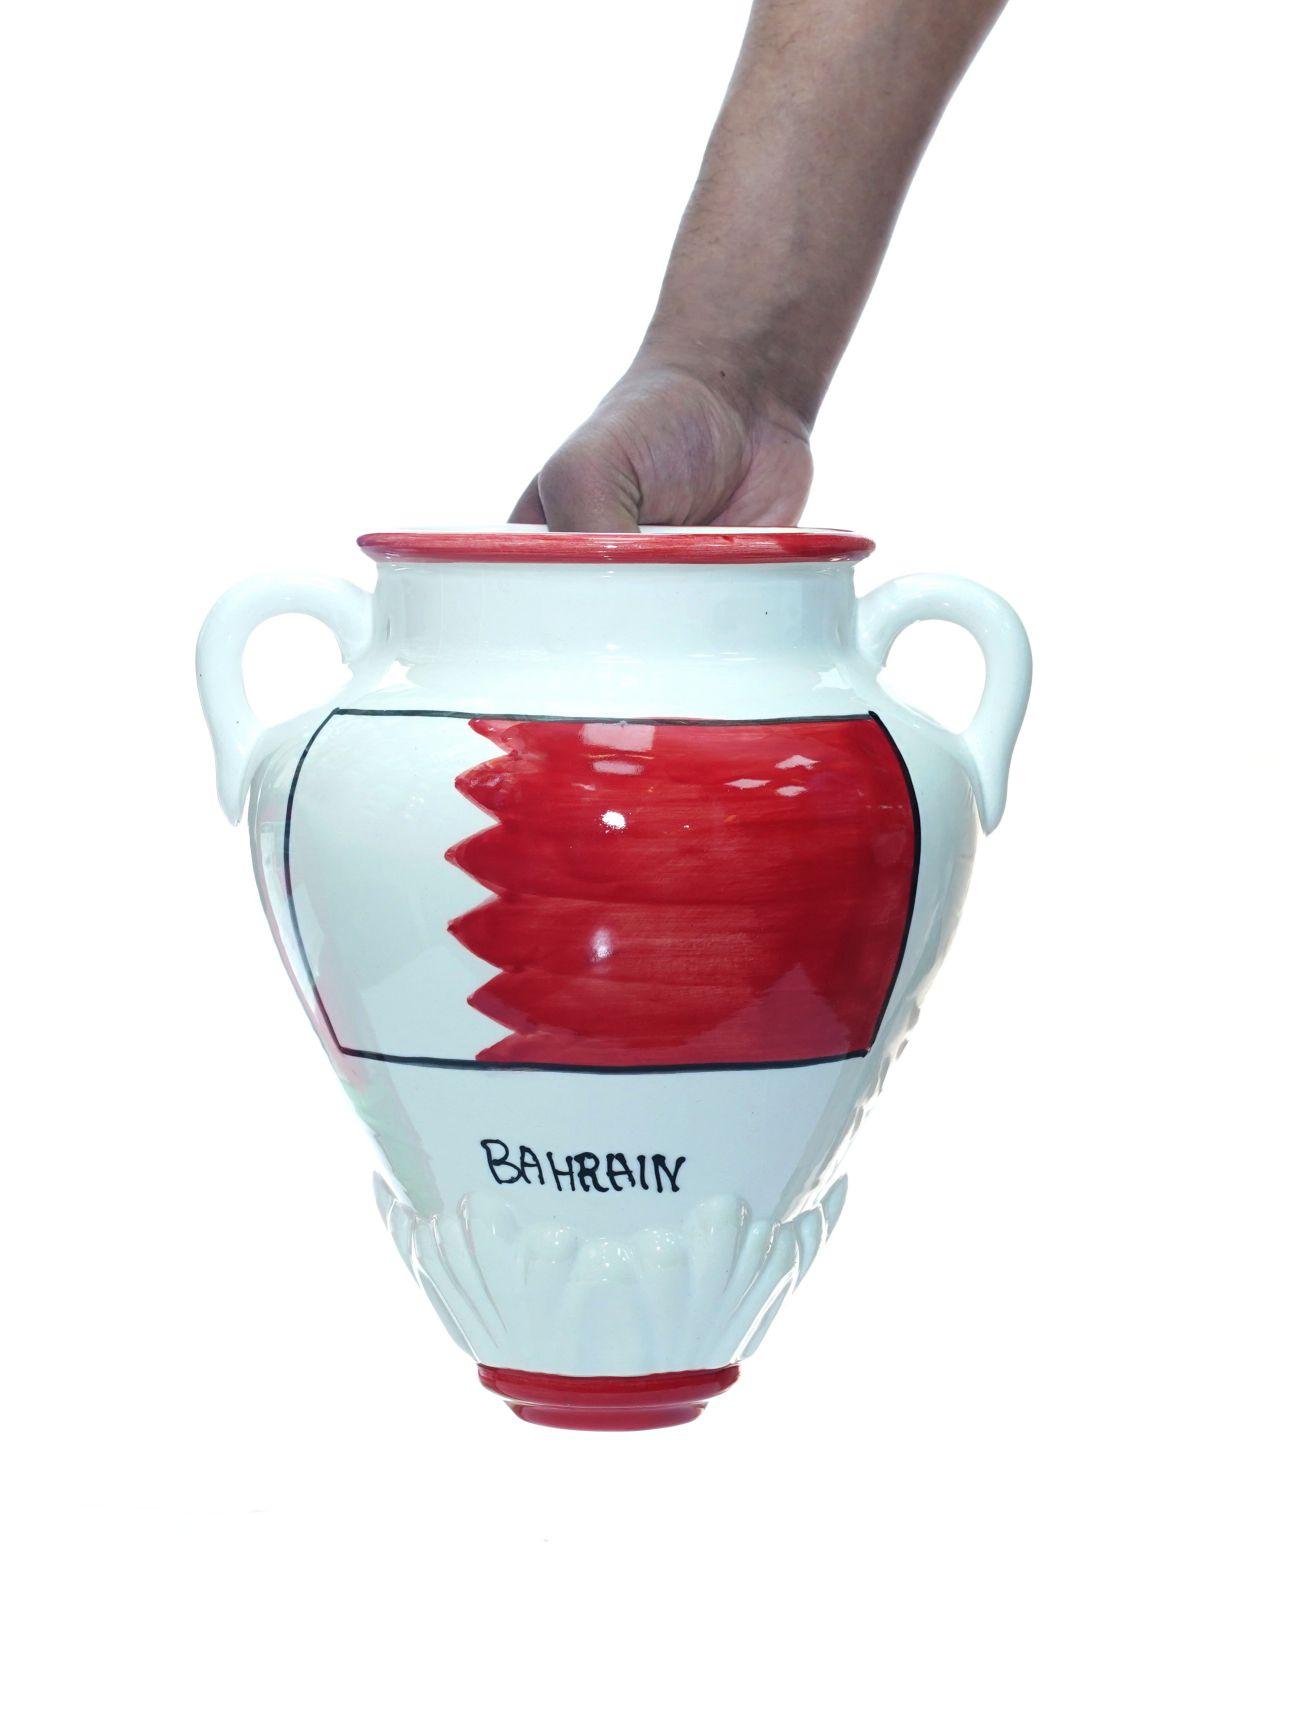 Wall Pot N1 'Pots & Vases Ceramic Pots